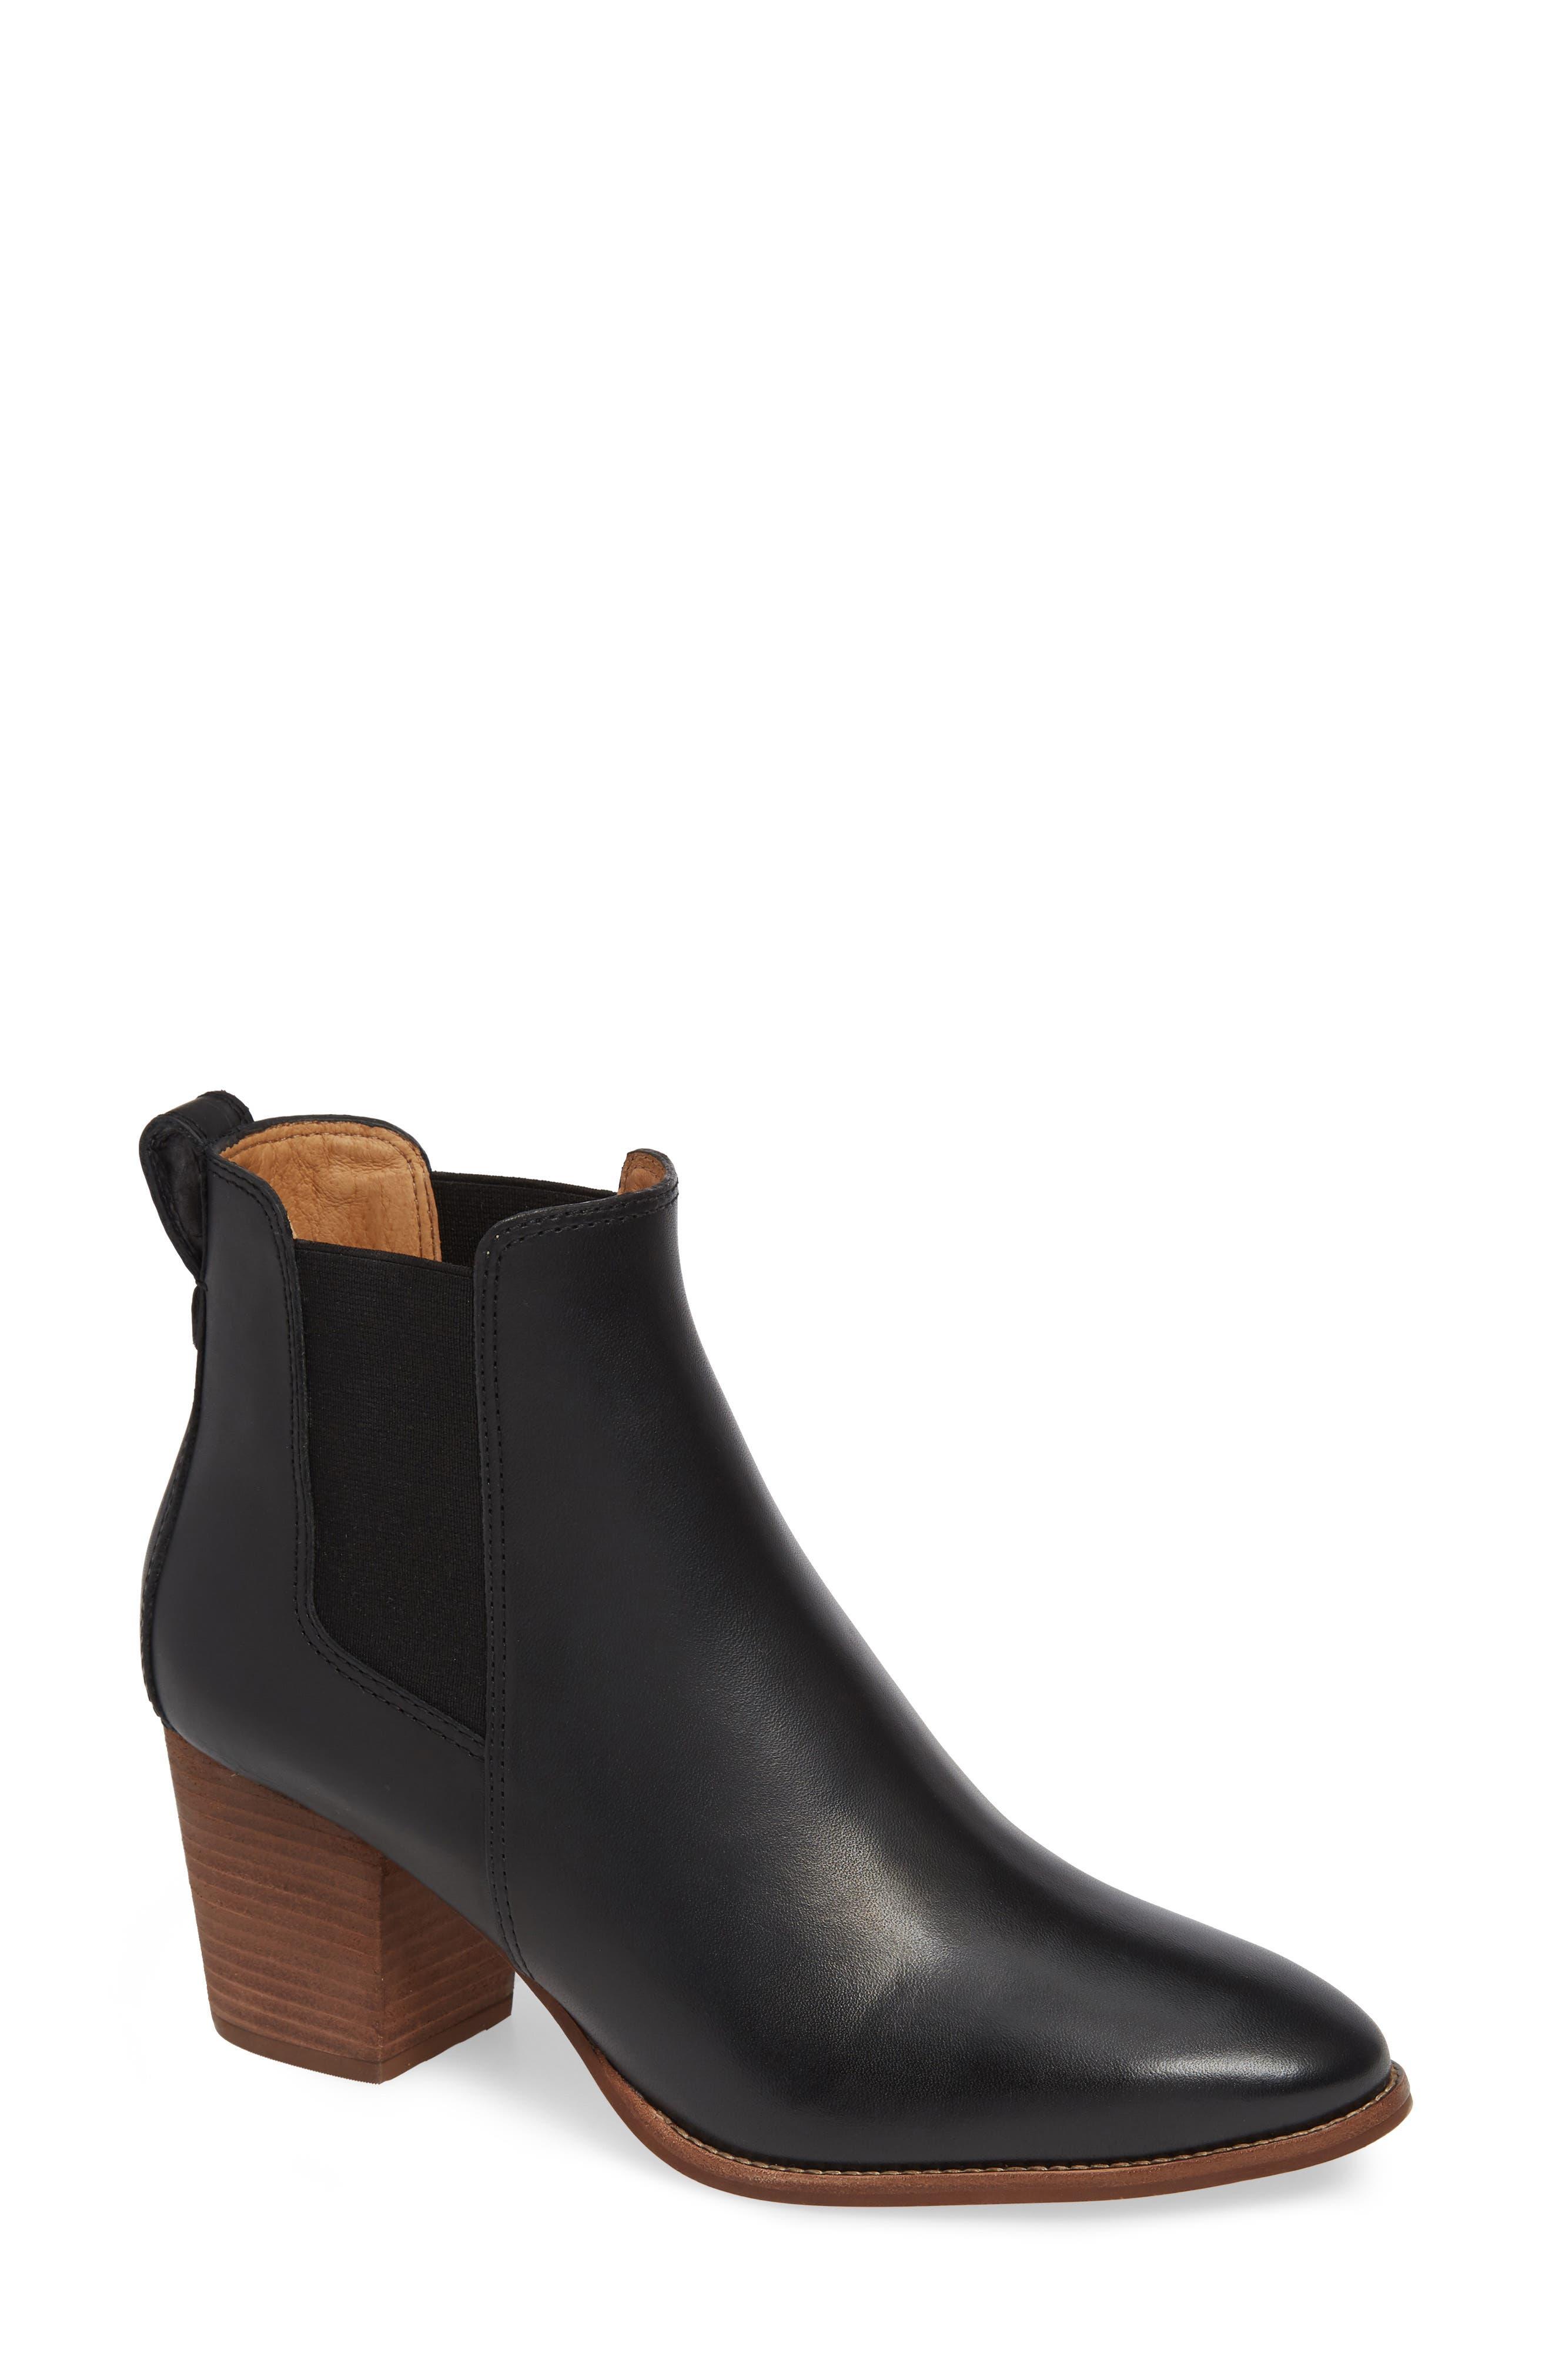 dc05d7d1e31 Women s Madewell Boots